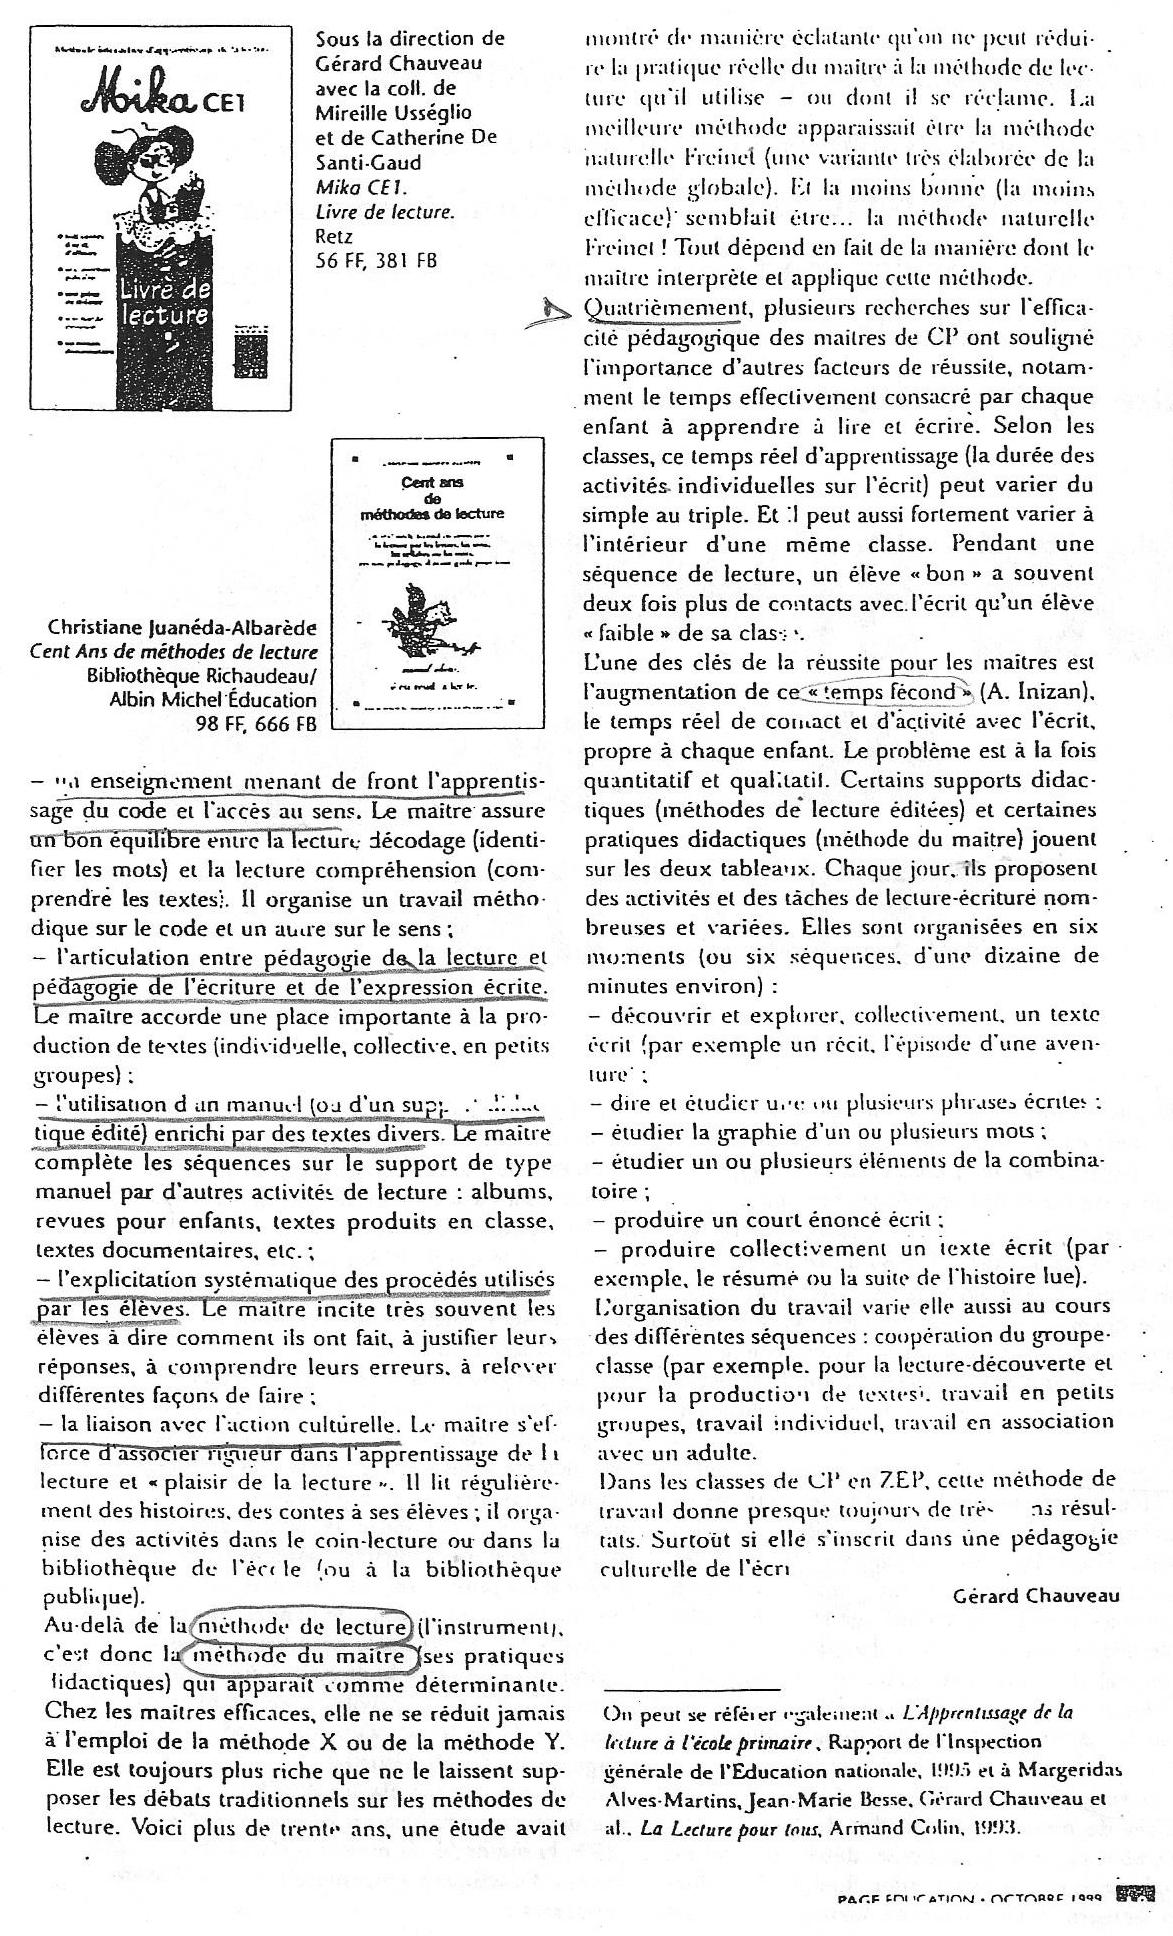 Gérard Chauveau, Des bonnes méthodes de lecture (octobre 1999)